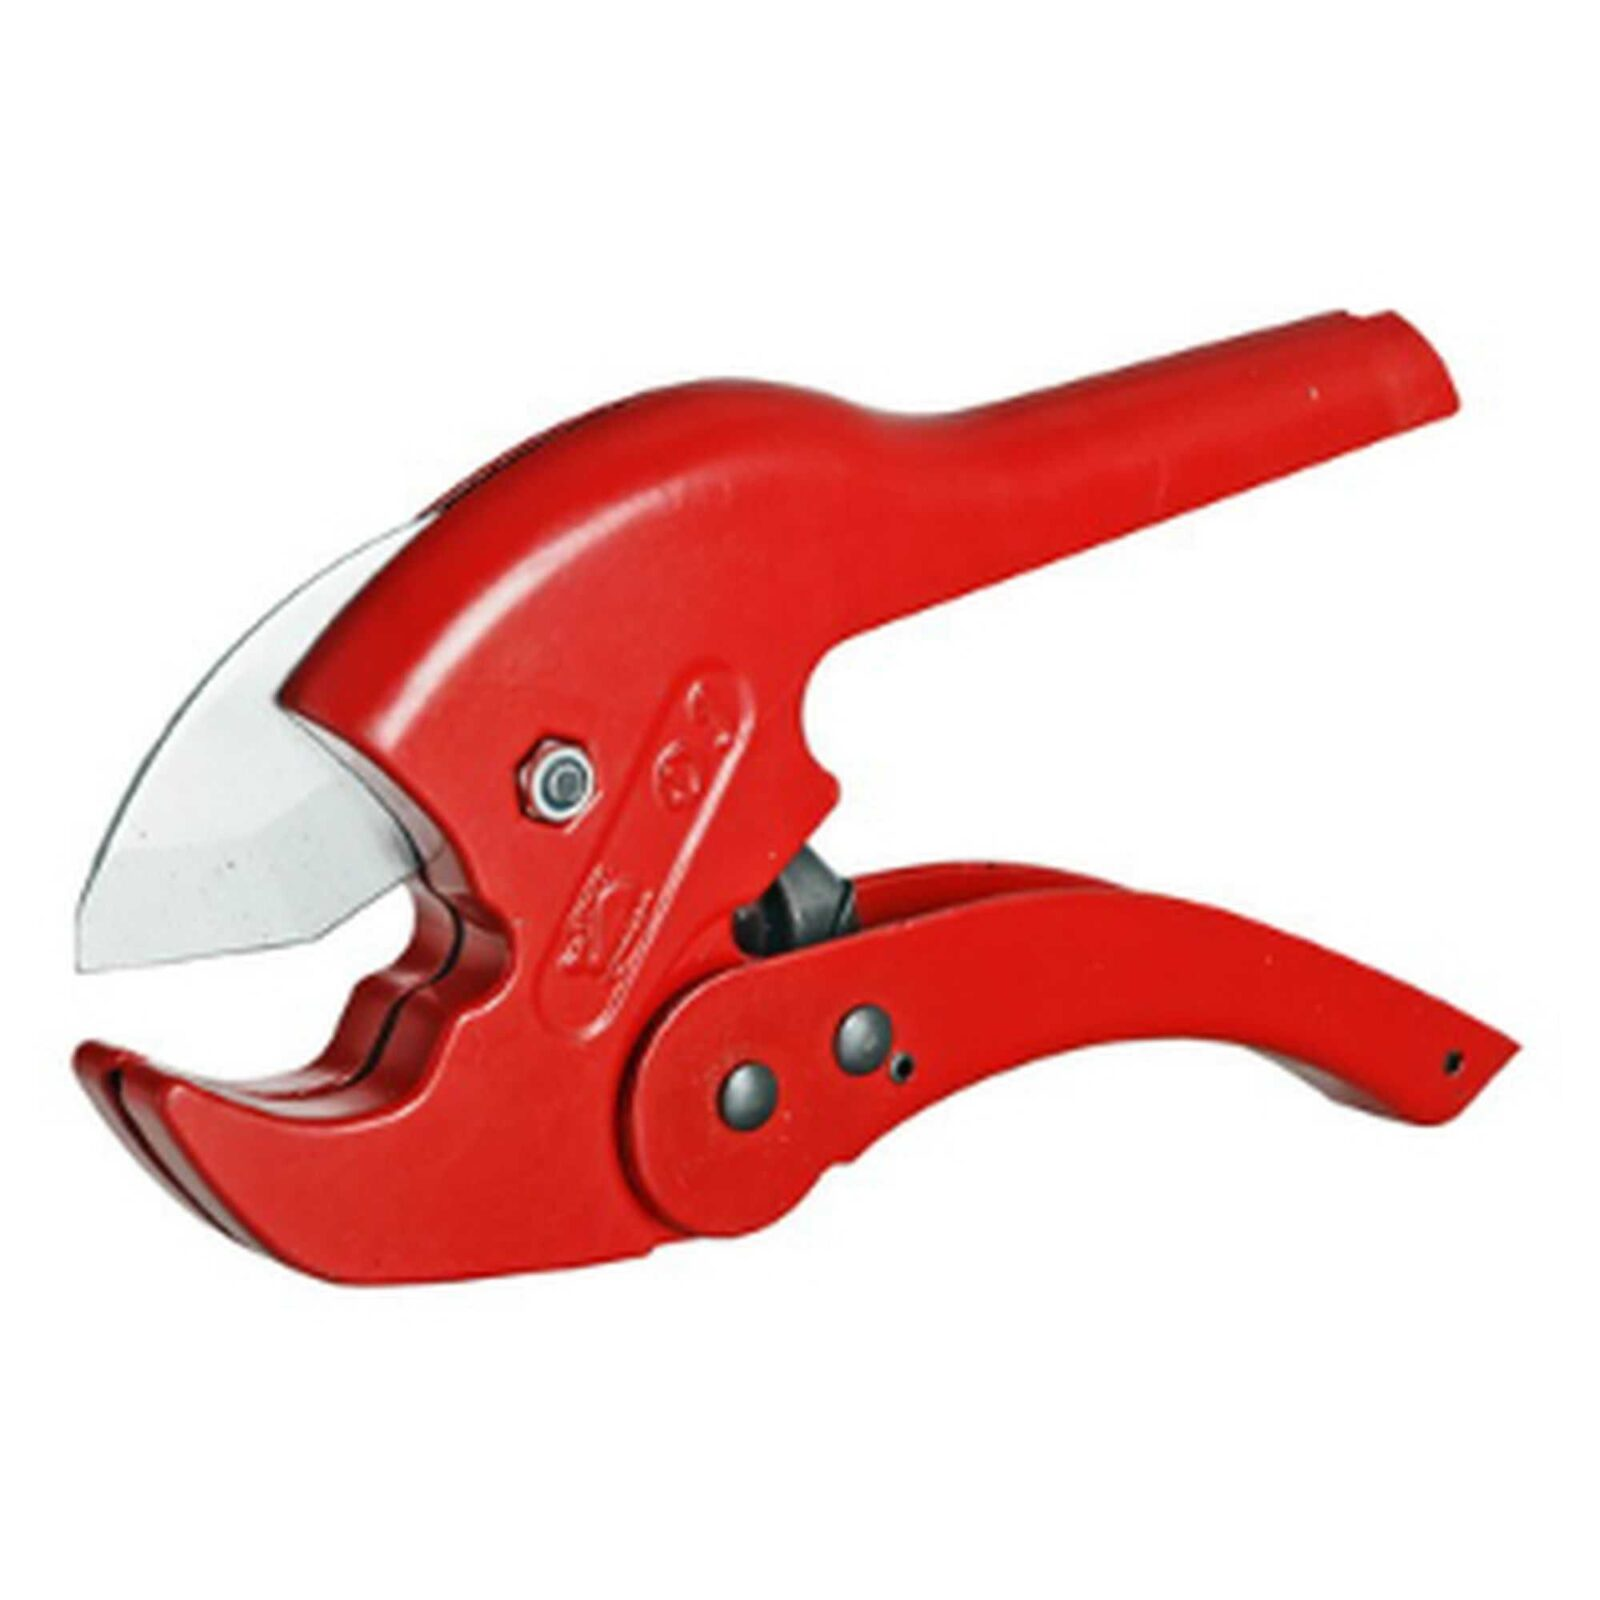 Ножницы VALTEC до 40 мм.